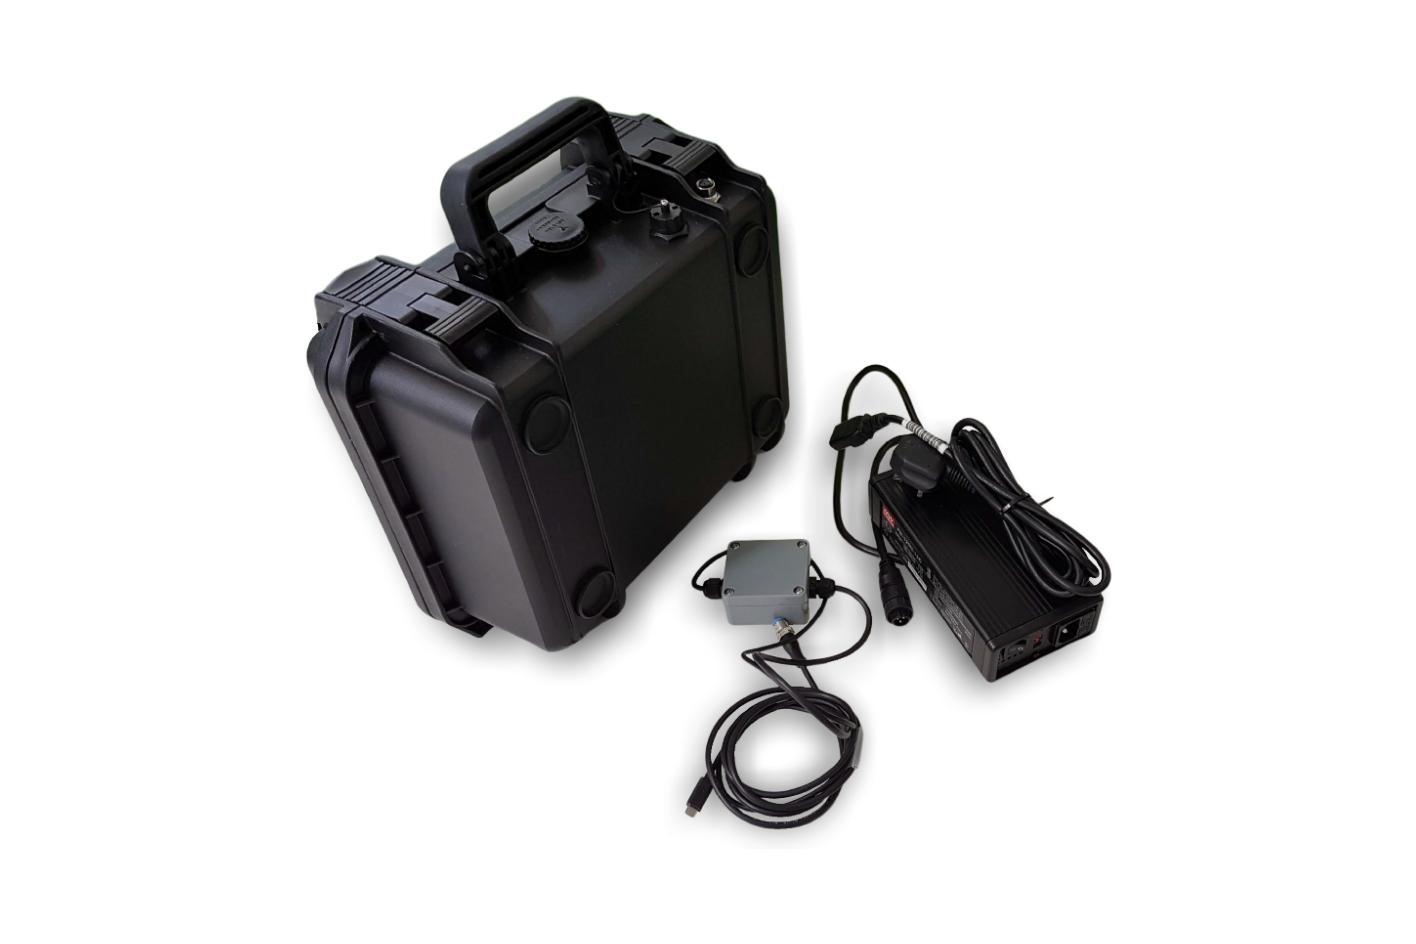 Monitex Power Pack